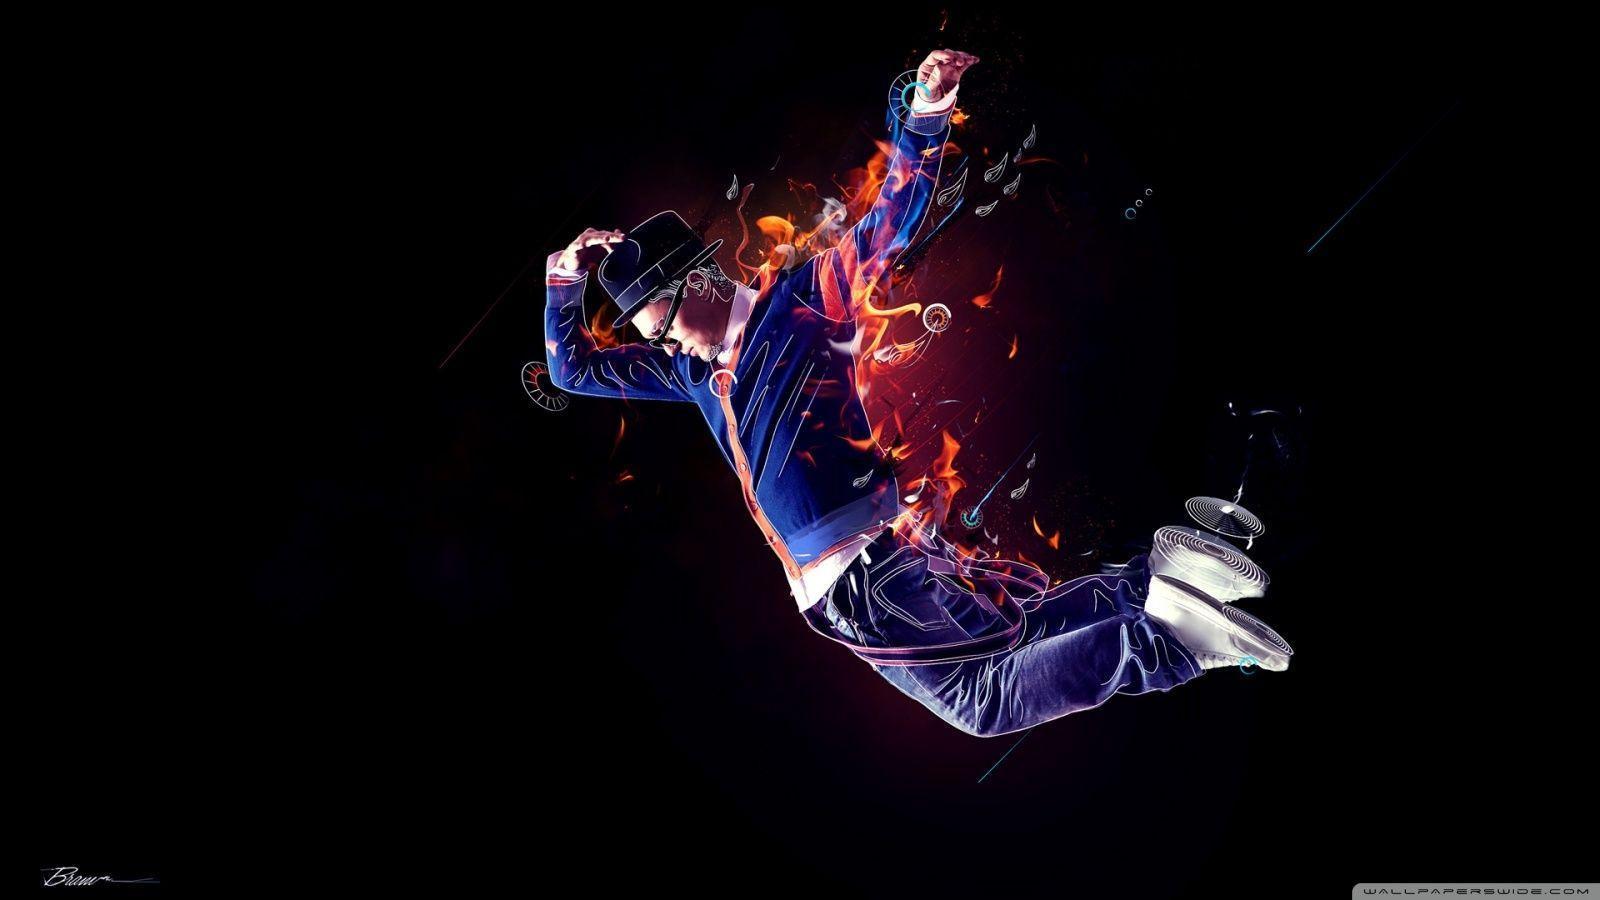 Streetdancer 1 HD desktop wallpaper : High Definition : Mobile